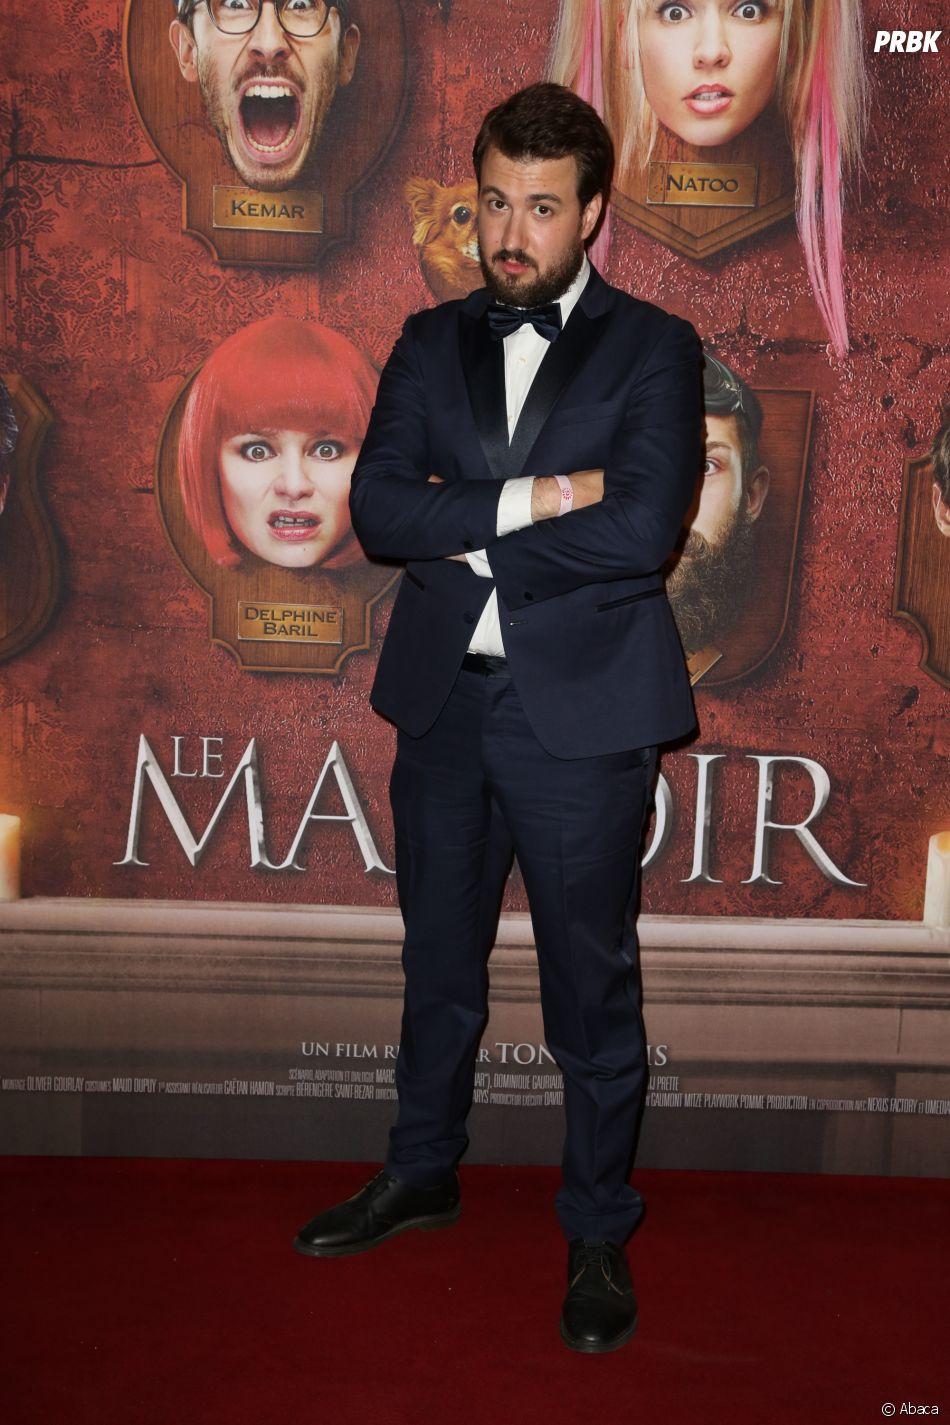 Ludovik à l'avant-première du film Le Manoir le 9 juin 2017 au Grand Rex à Paris